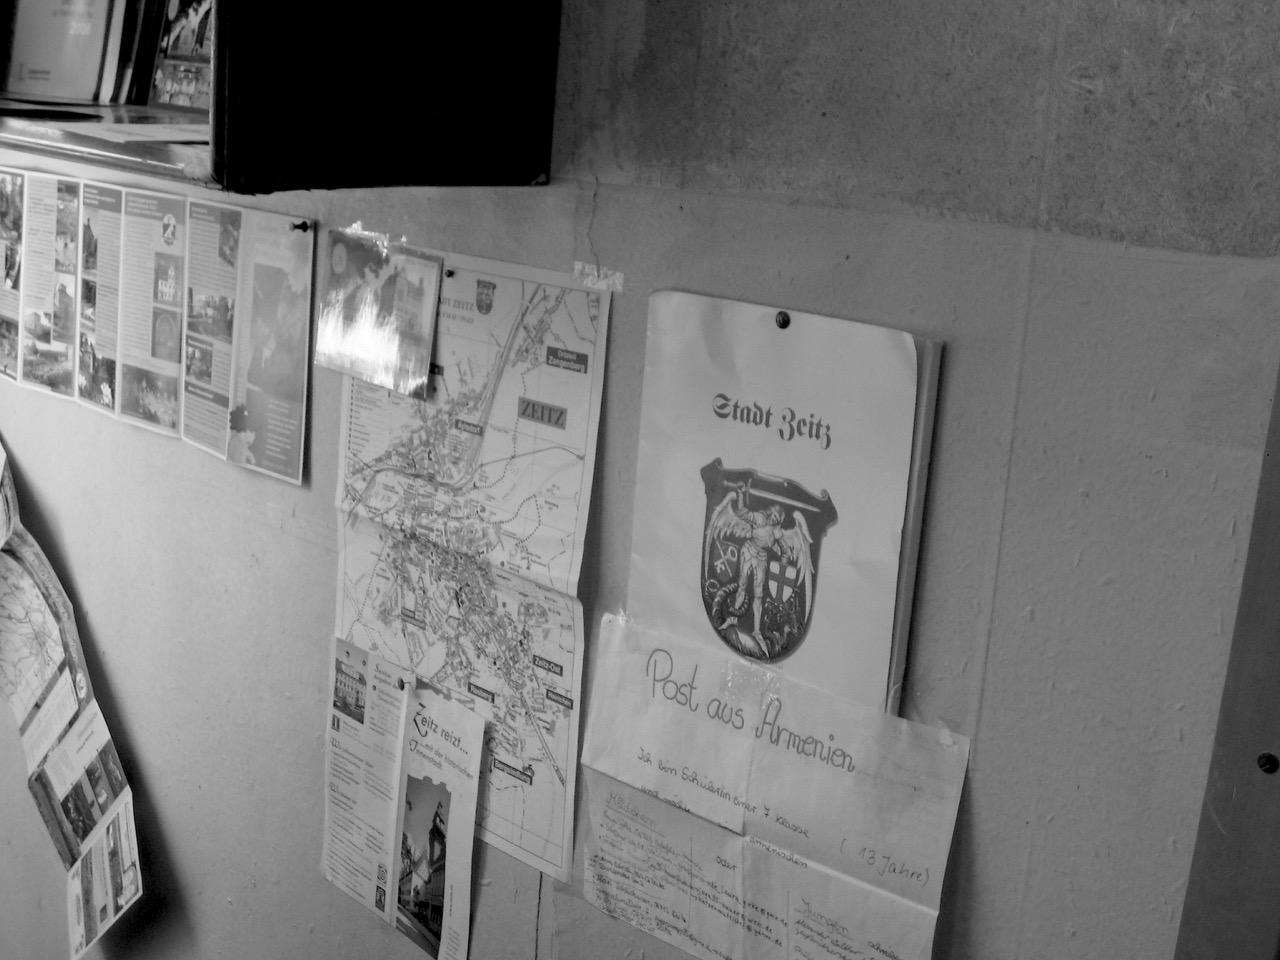 Foto: Stadt Zeitz. Aus: Eriwan. Kapitel 4. Aufzeichnungen aus Armenien von Marc Degens.